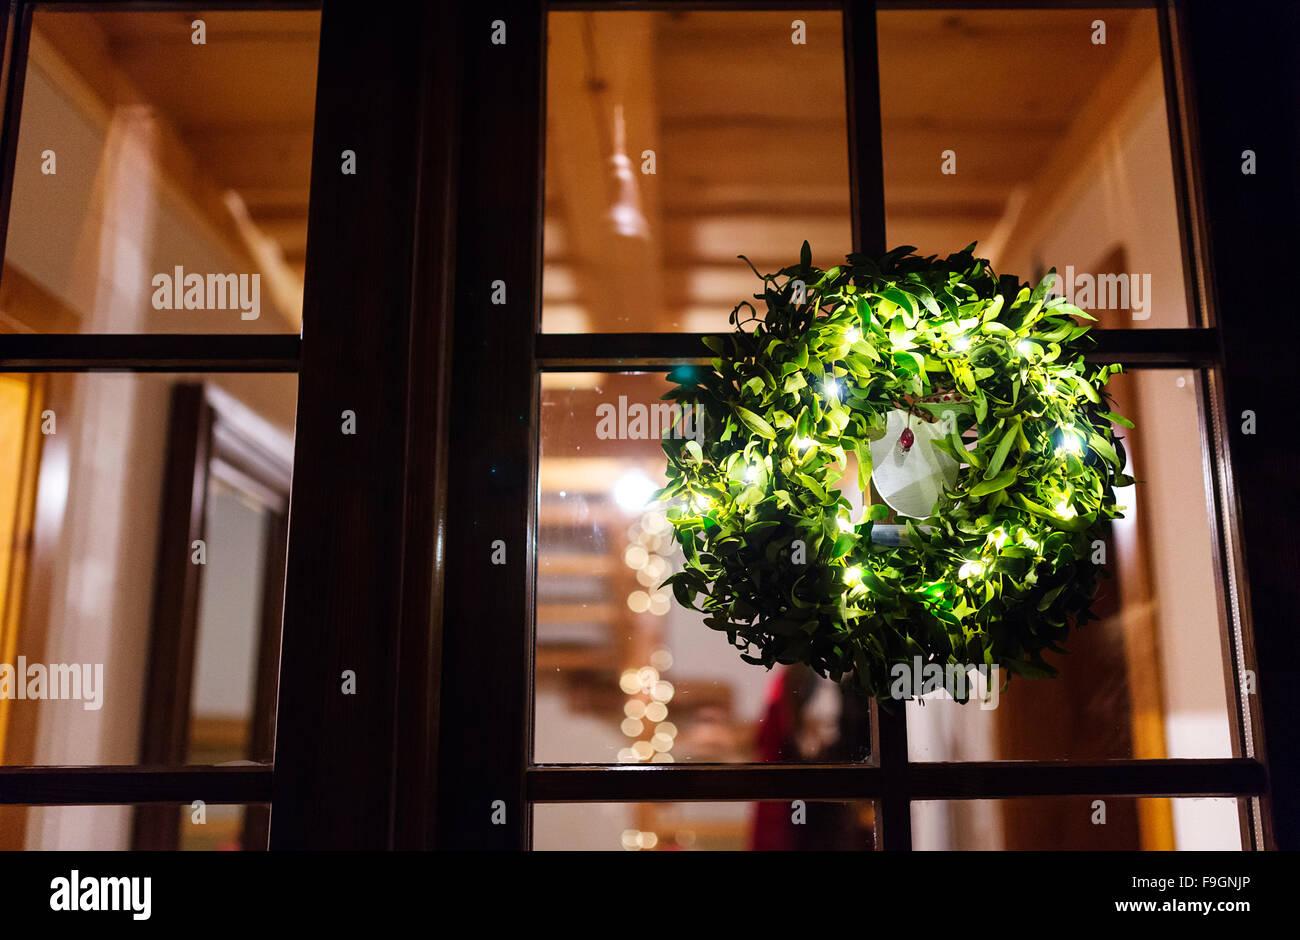 Green Mistletoe Wreath Hang On Glass Door